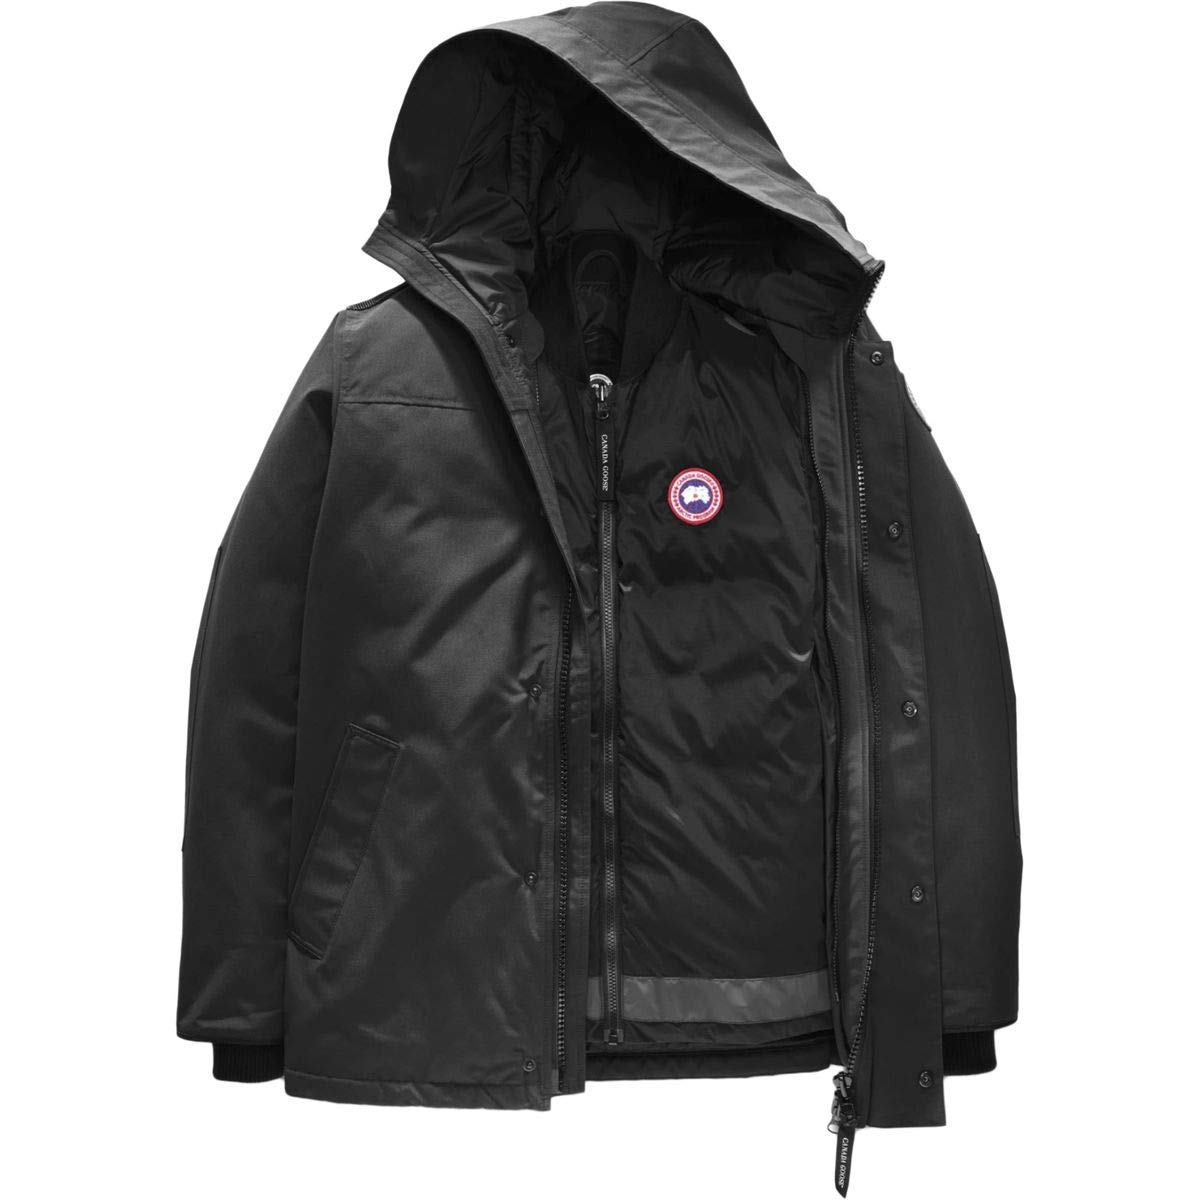 (カナダグース)Canada Goose Garibaldi Down 3-in-1 Parka メンズ ジャケット黒 [並行輸入品] 黒 日本サイズ M相当 (US S)